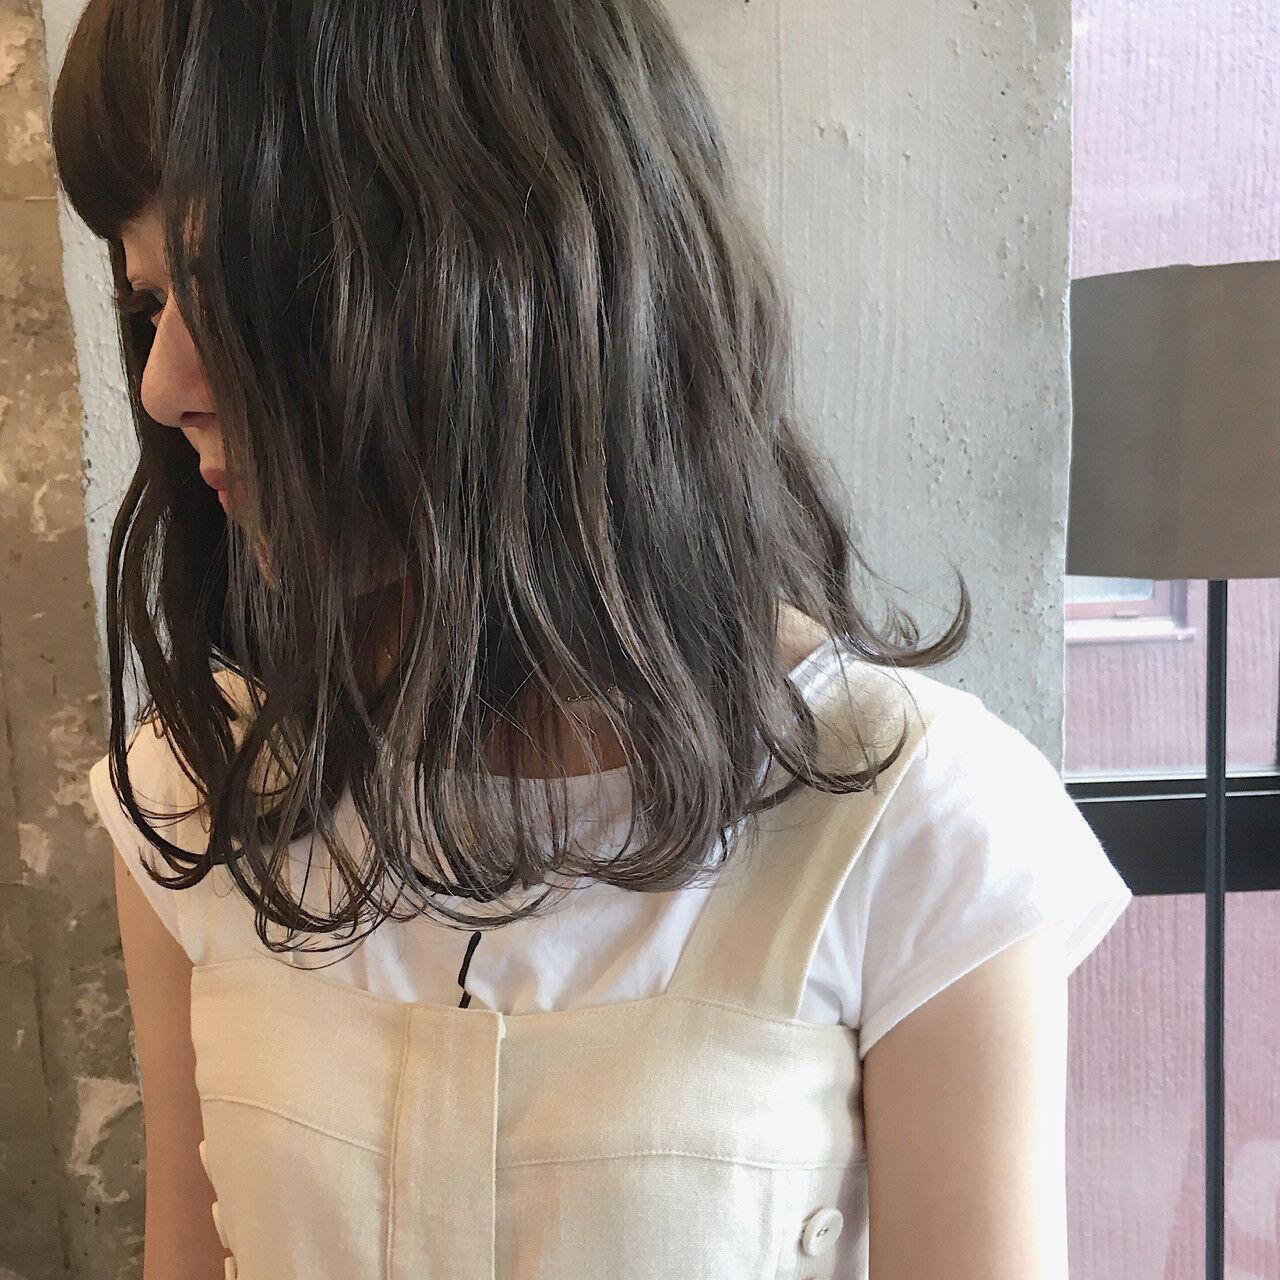 ウェーブ アンニュイ ナチュラル 女子会ヘアスタイルや髪型の写真・画像